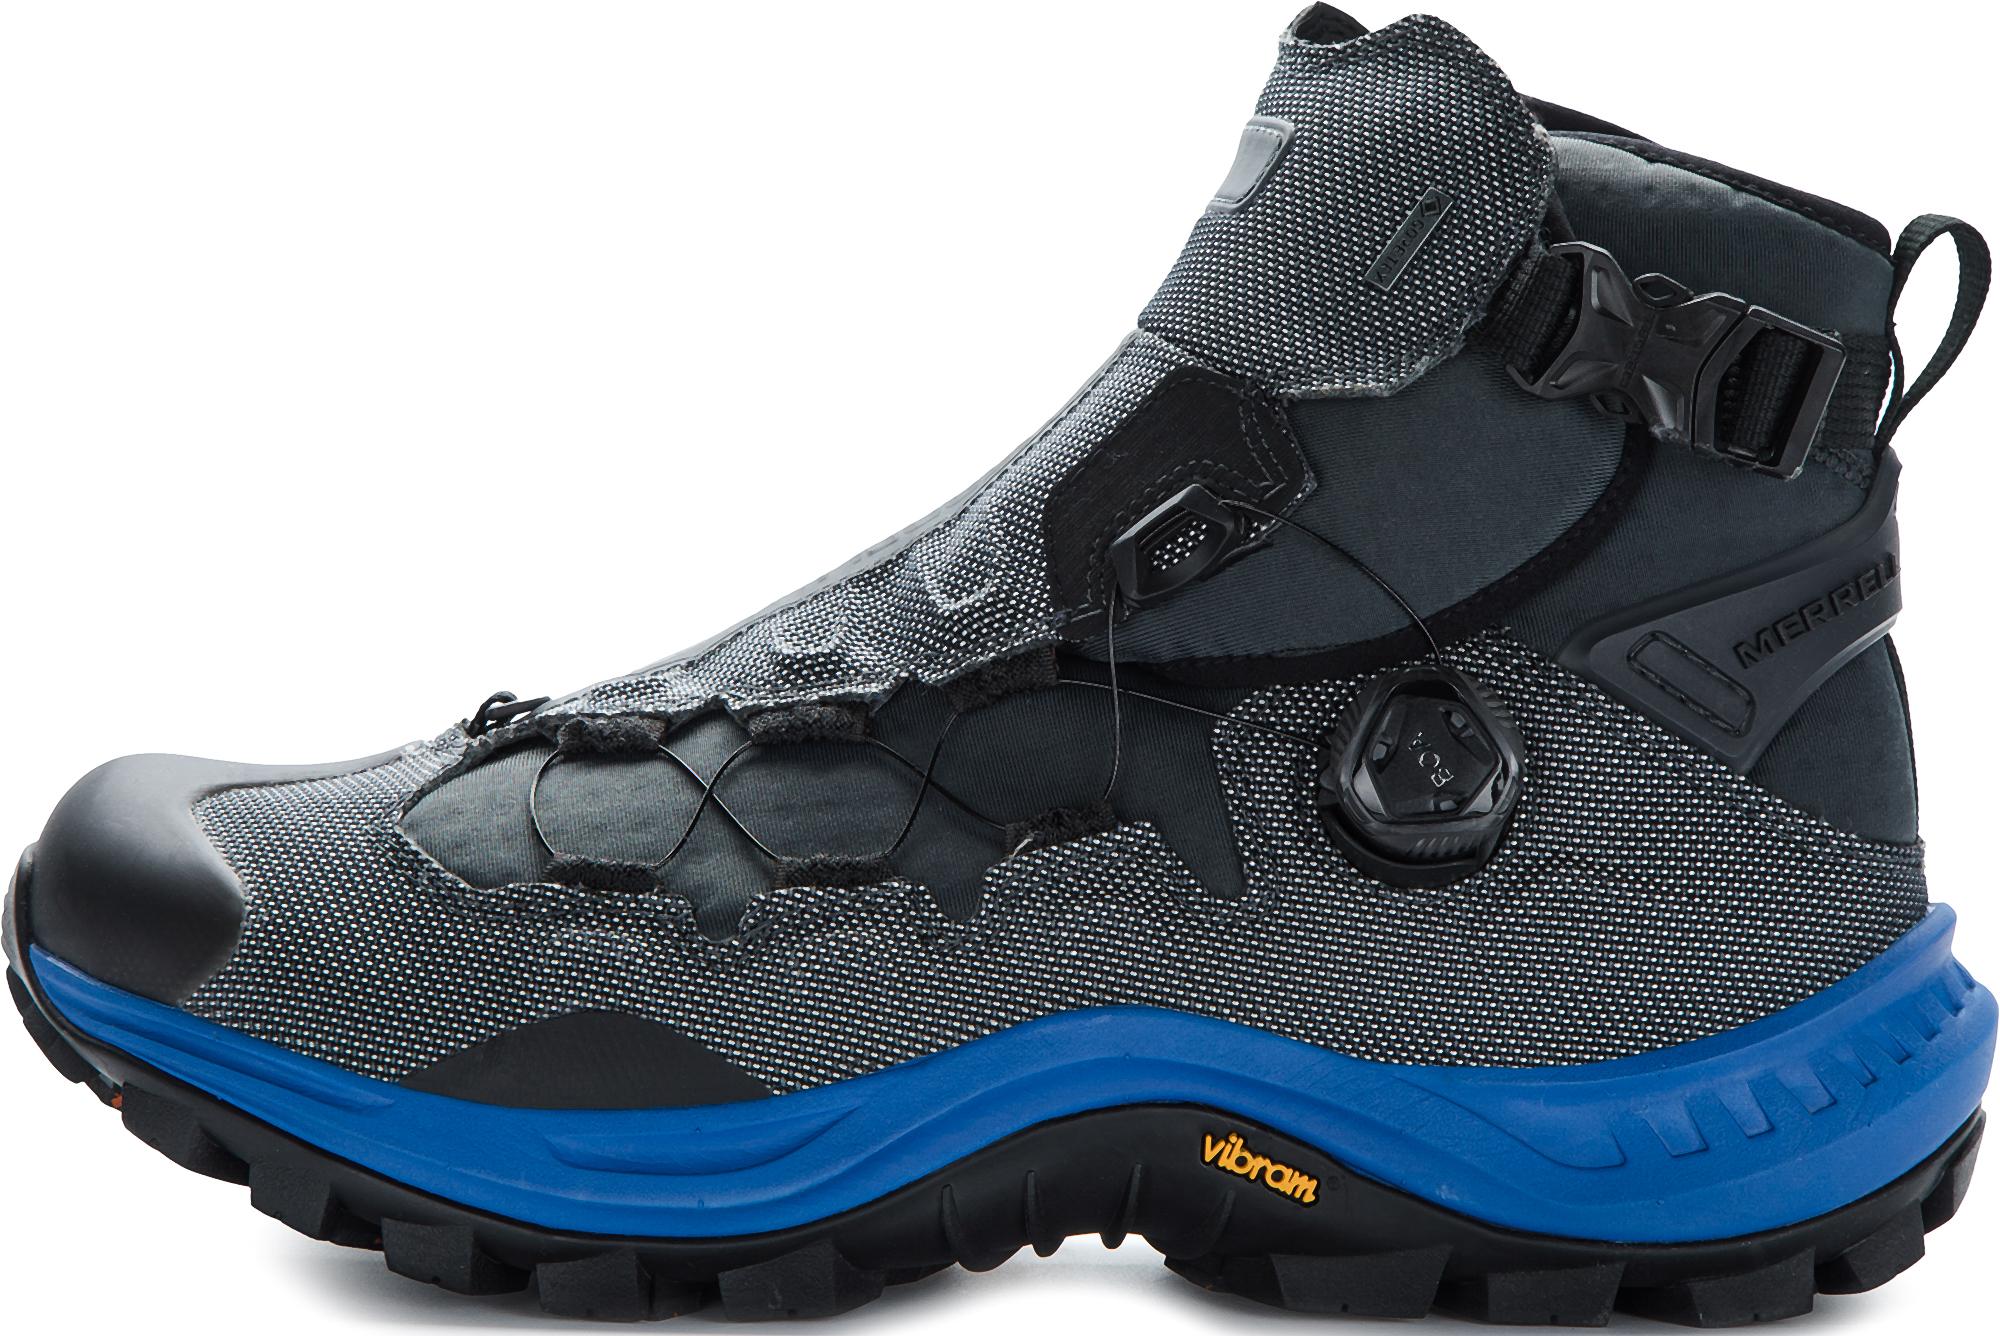 Merrell Ботинки утепленные мужские Merrell Rogue 2 BOA GTX, размер 44 ботинки мужские зимние tr aym 15a синий размер 45